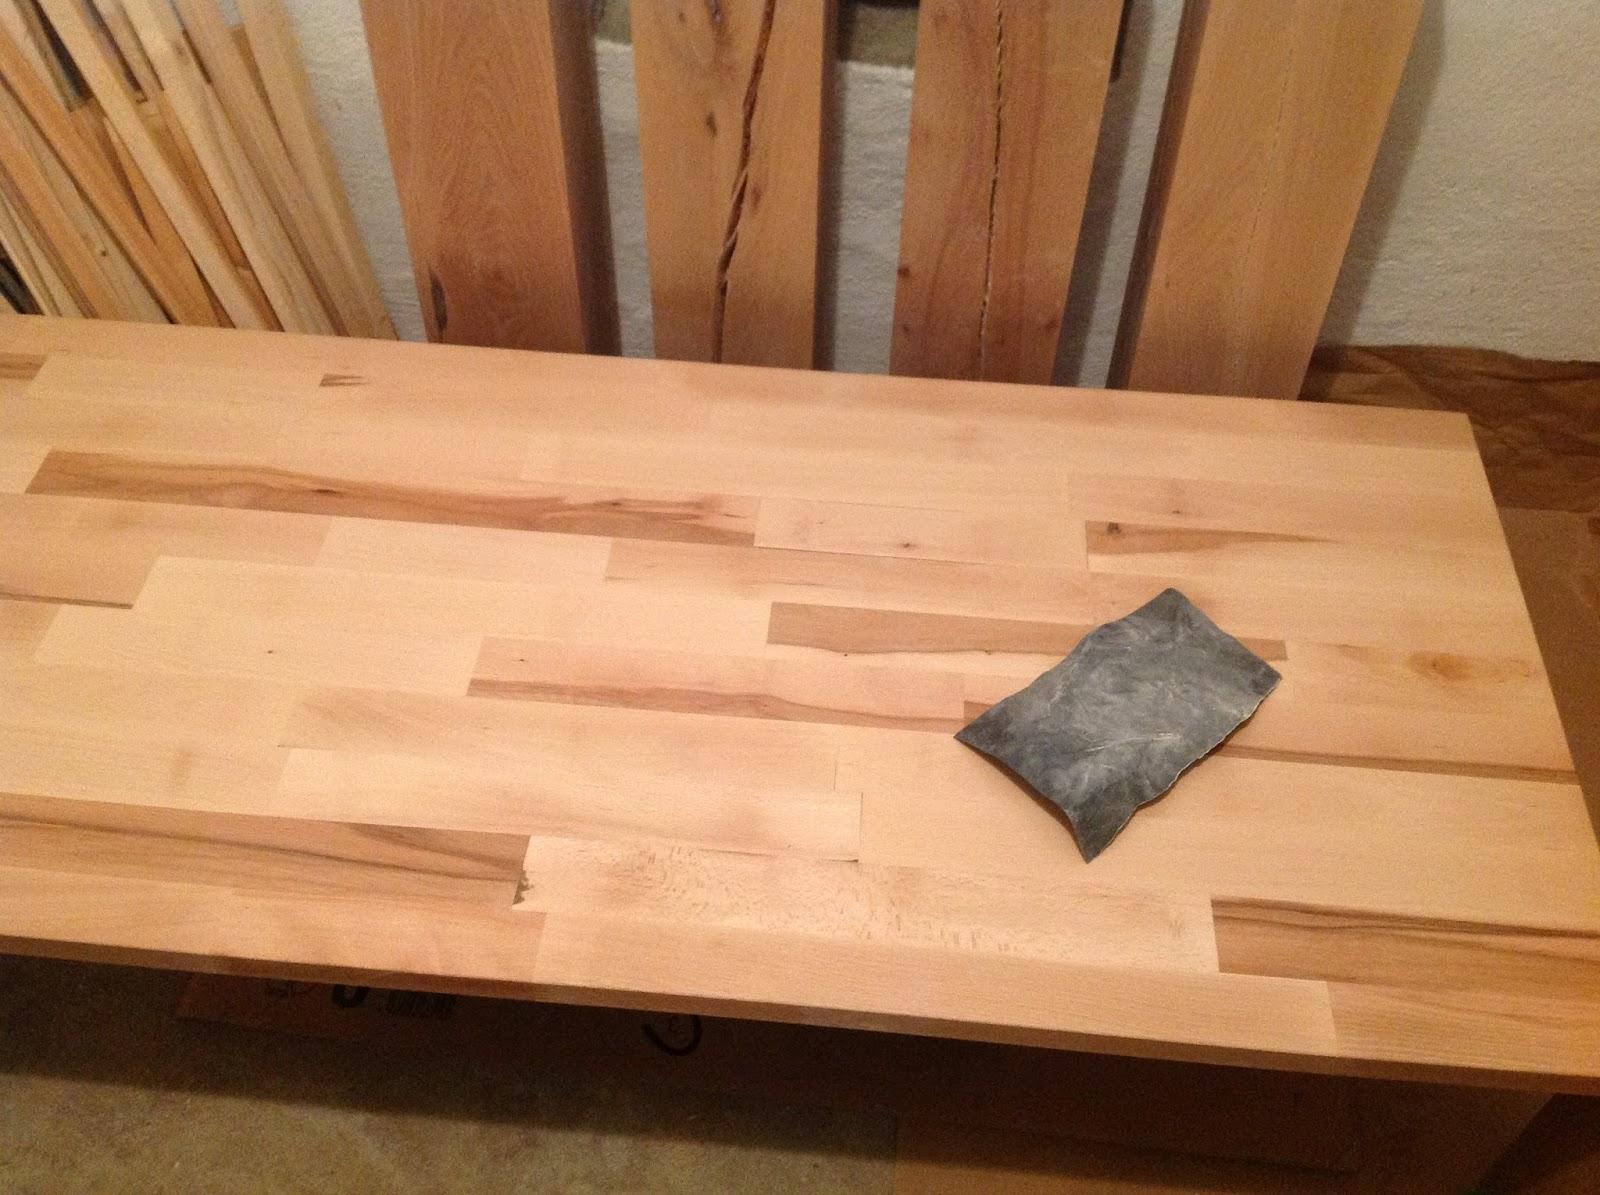 Holzmaserung Hervorheben mein ding 2016